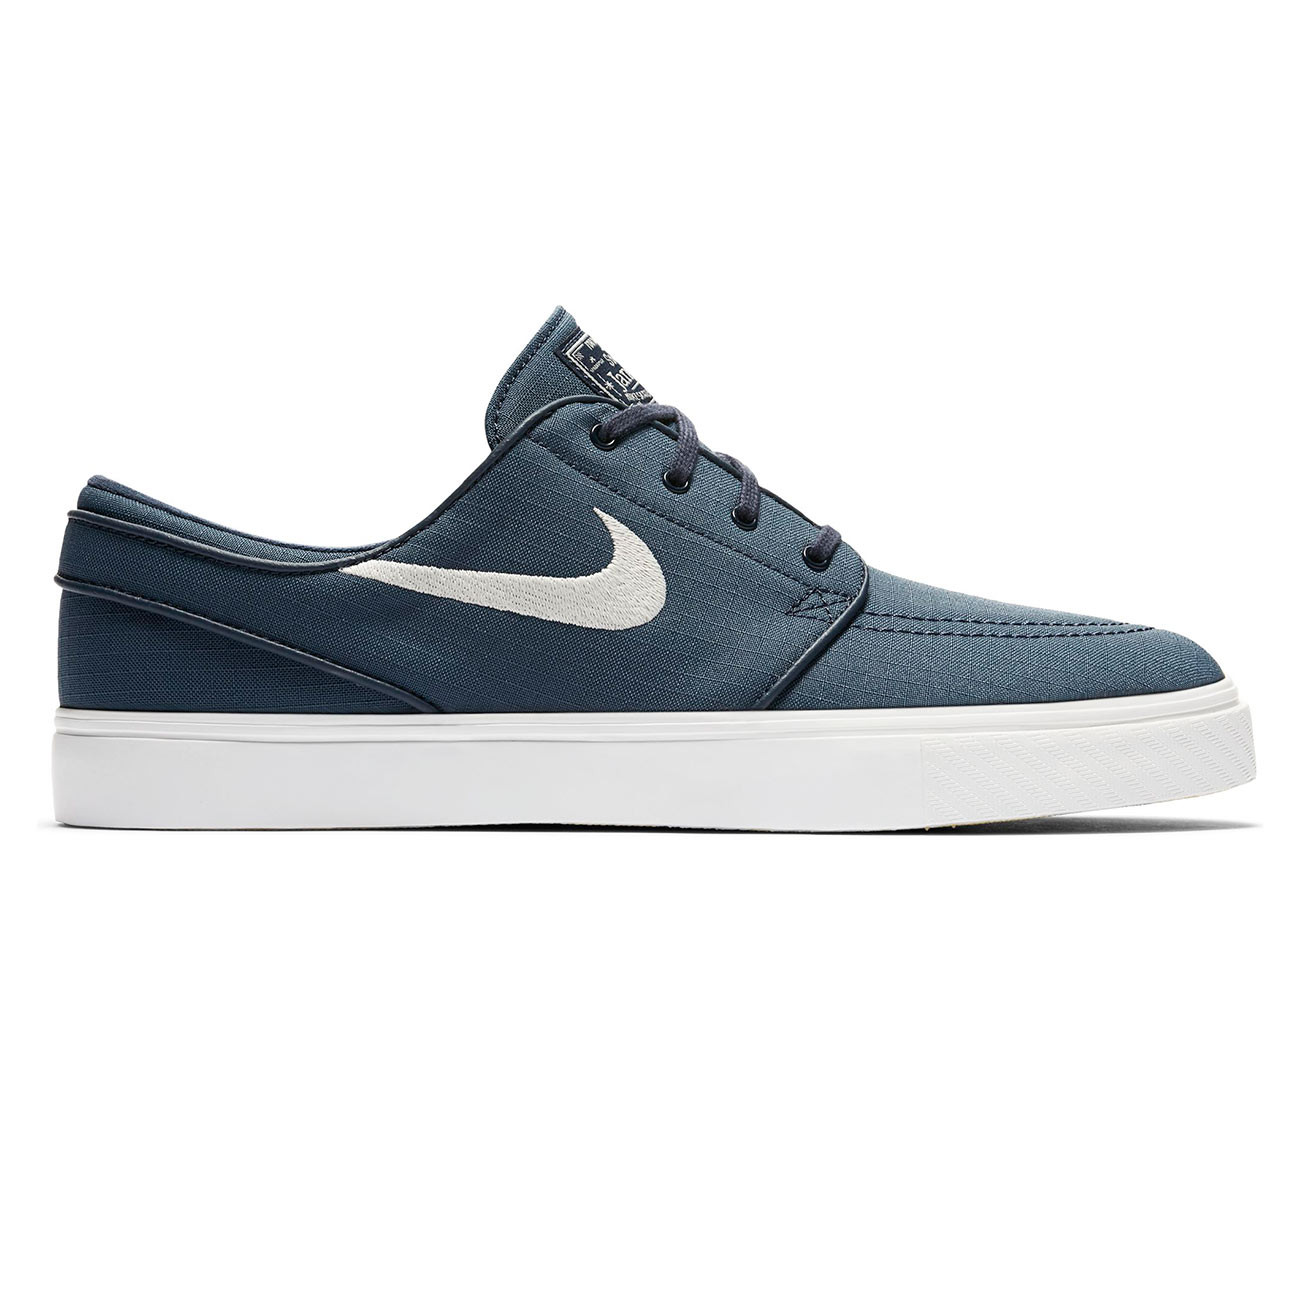 reputable site e533f 21853 Nike SB Janoski Light Blue